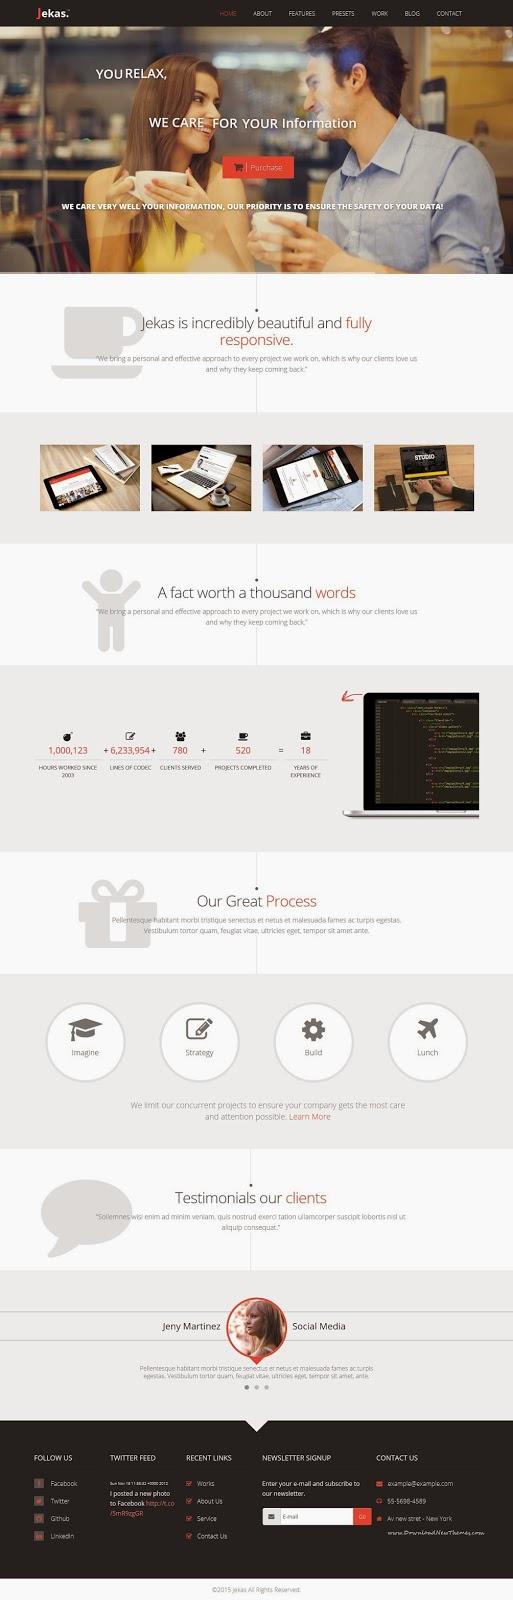 Multipurpose Premium Joomla Template 2015